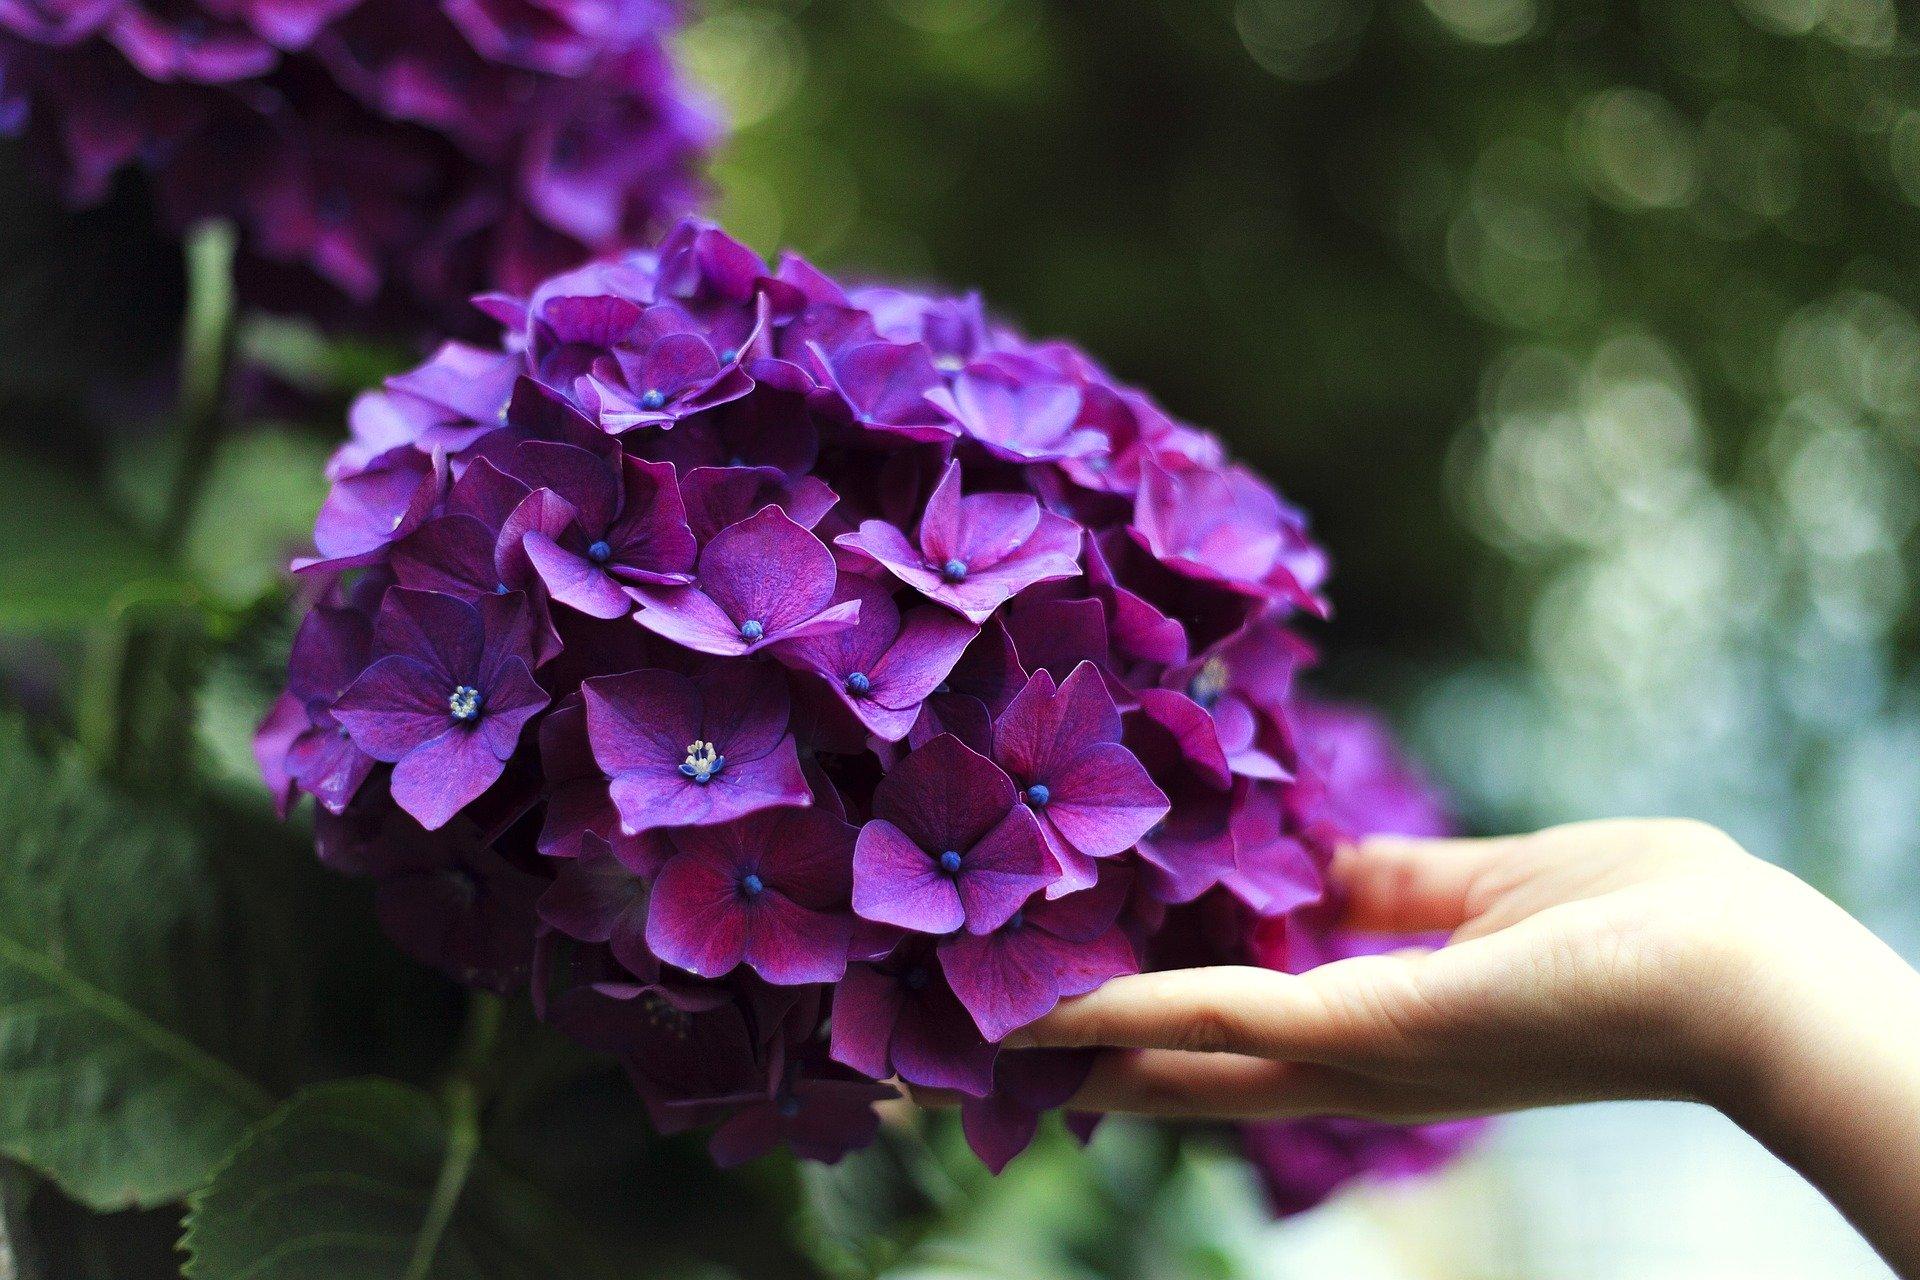 Se rapprocher de la nature passe par le contact alors utilisez ce magnifique sens du toucher dont nous avons été pourvu.